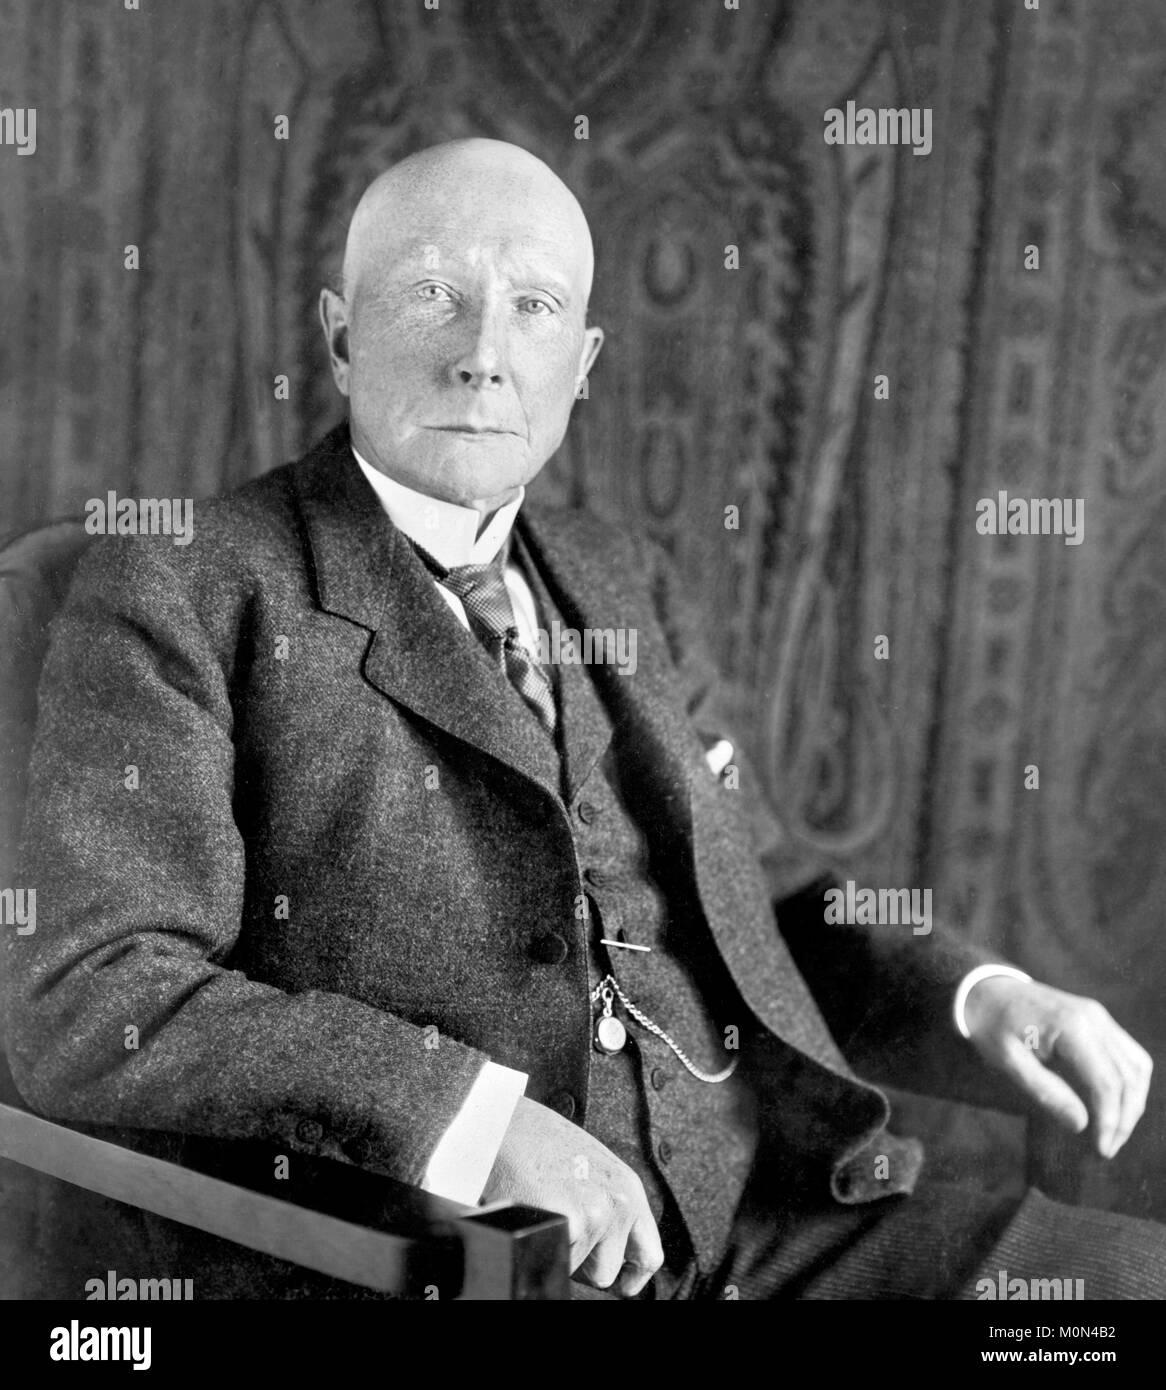 John D Rockefeller. Portrait of John Davison Rockefeller Sr (1839-1937), c.1909 - Stock Image